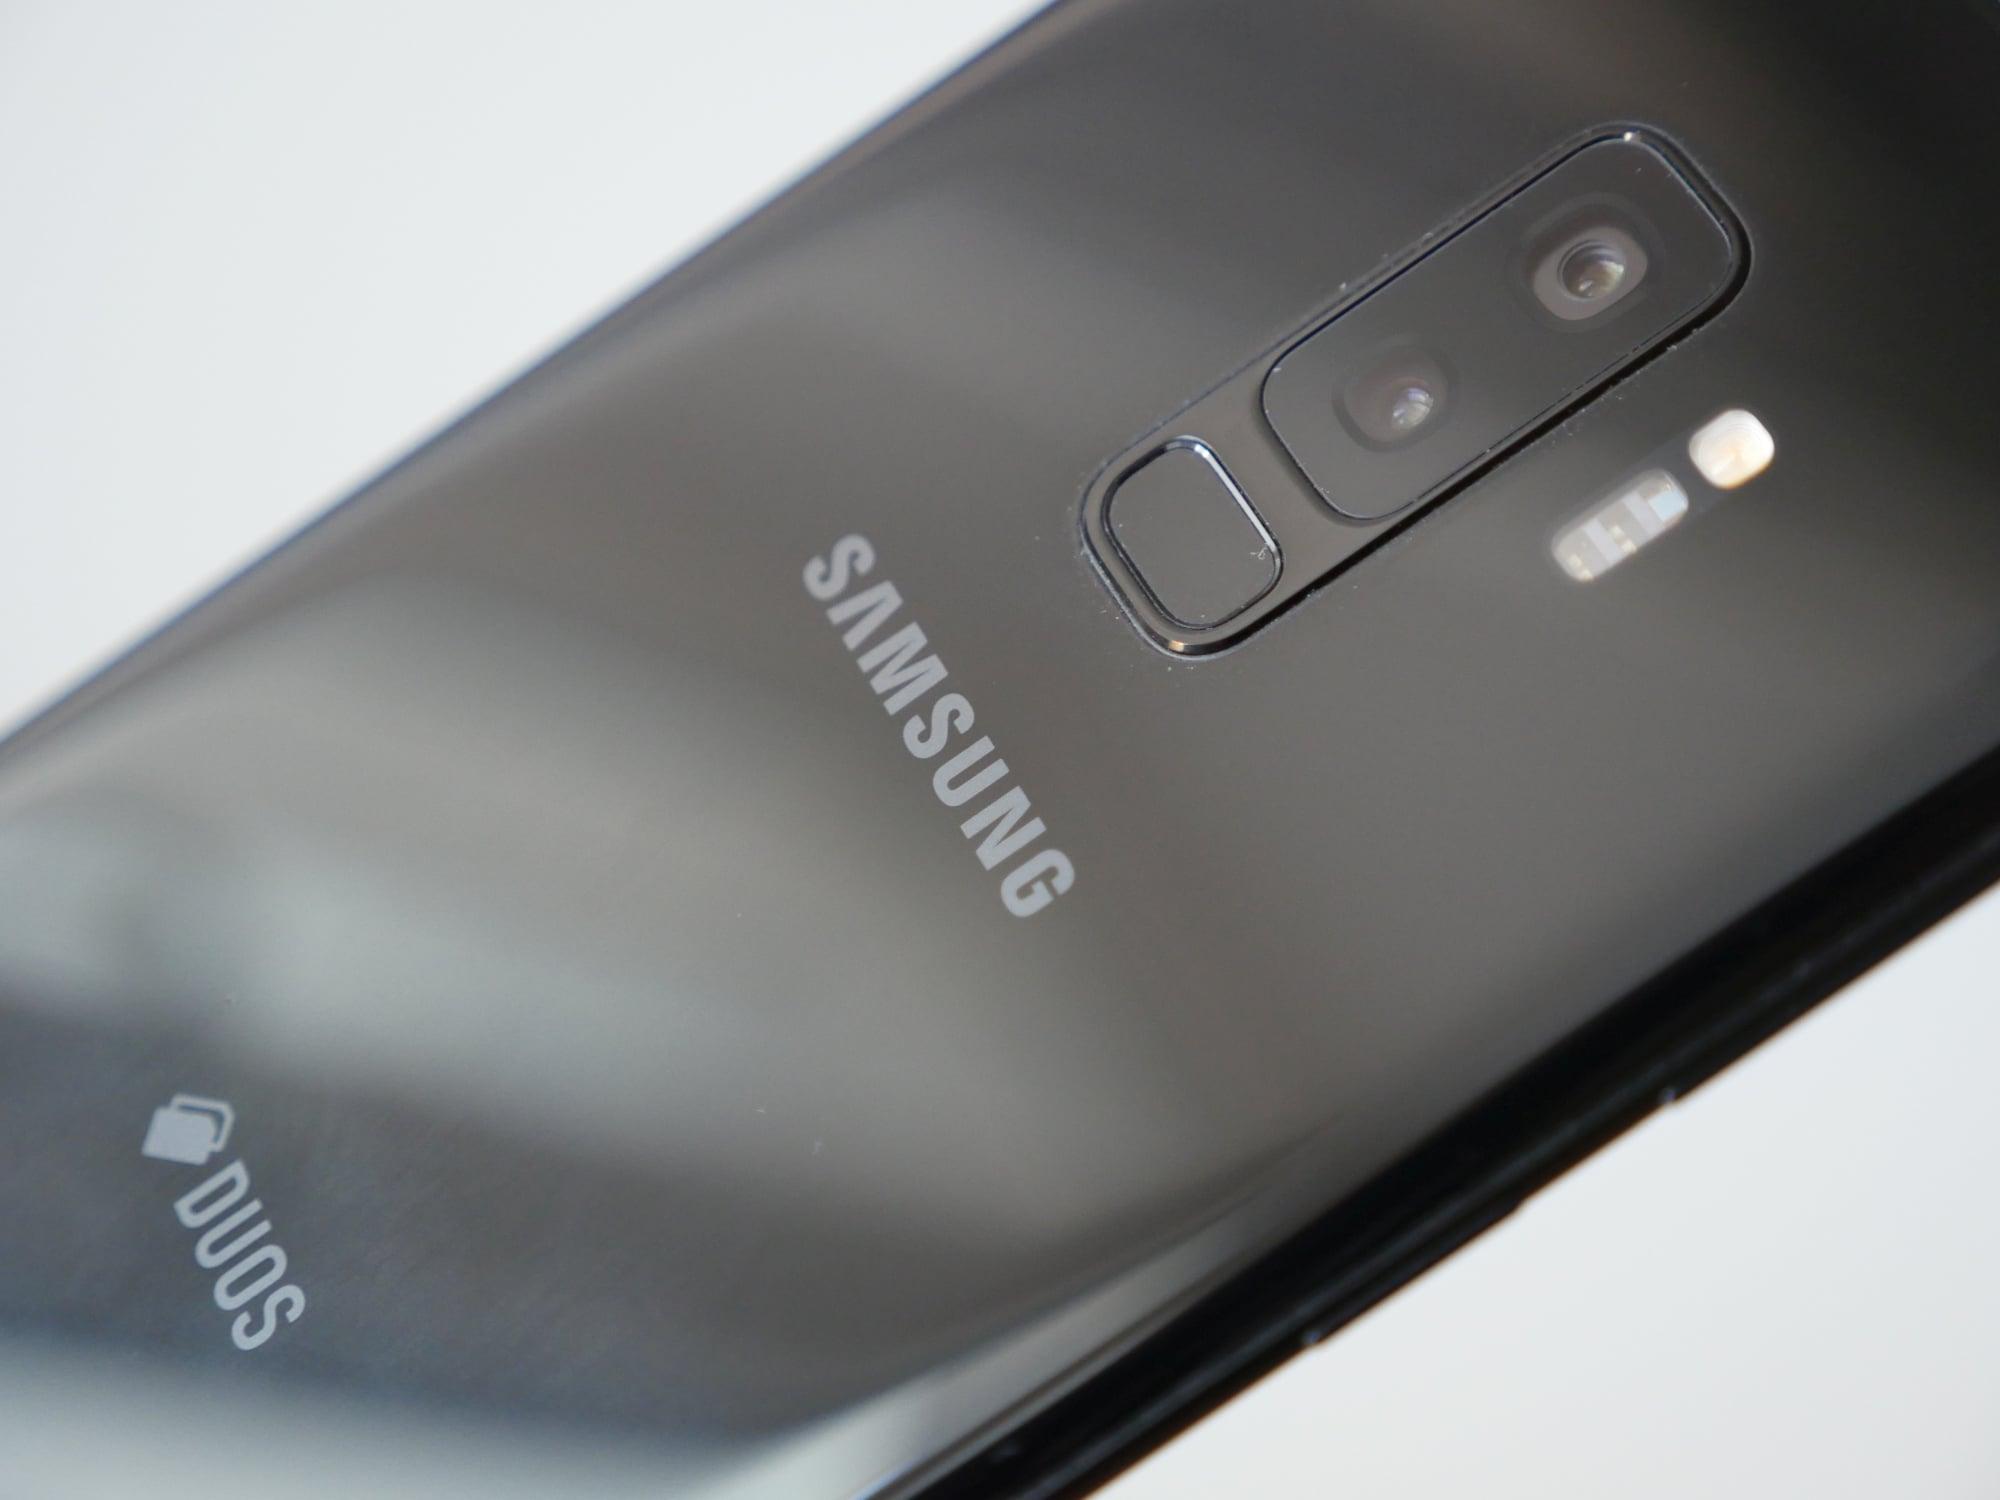 Tabletowo.pl Samsung Galaxy S10 może być pierwszym smartfonem z pamięcią wewnętrzną typu UFS 3.0 Android Nowości Samsung Smartfony